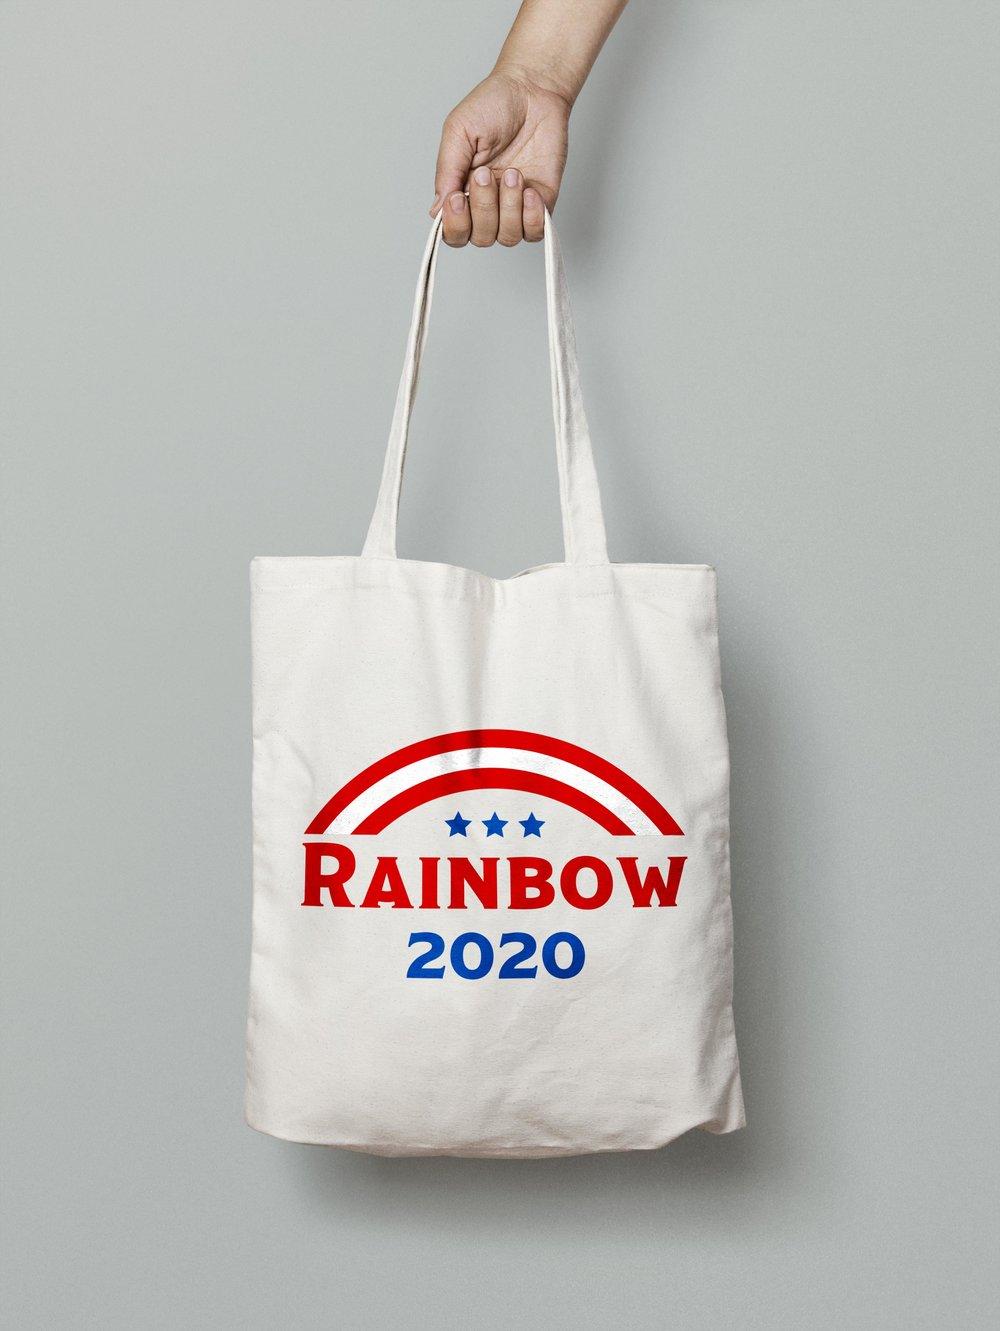 Rainbow_2020_tote.jpg